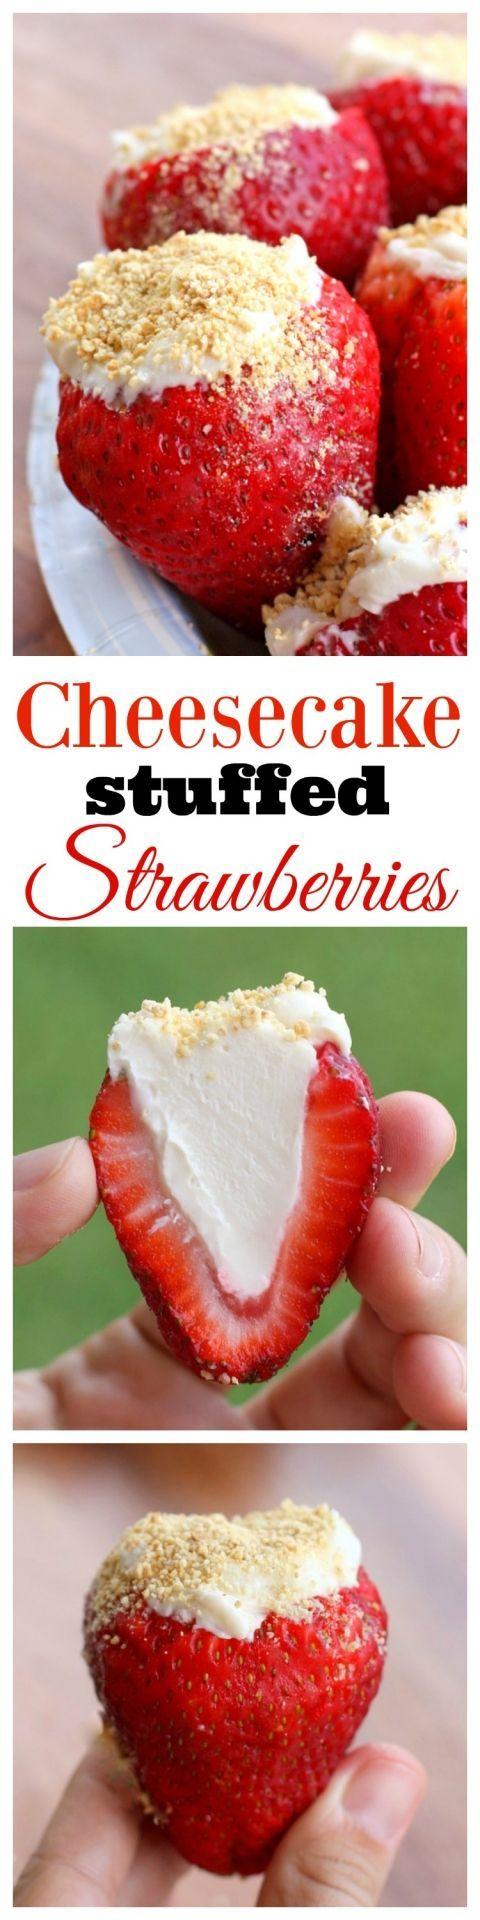 recipe: cheesecake stuffed strawberries pinterest [22]